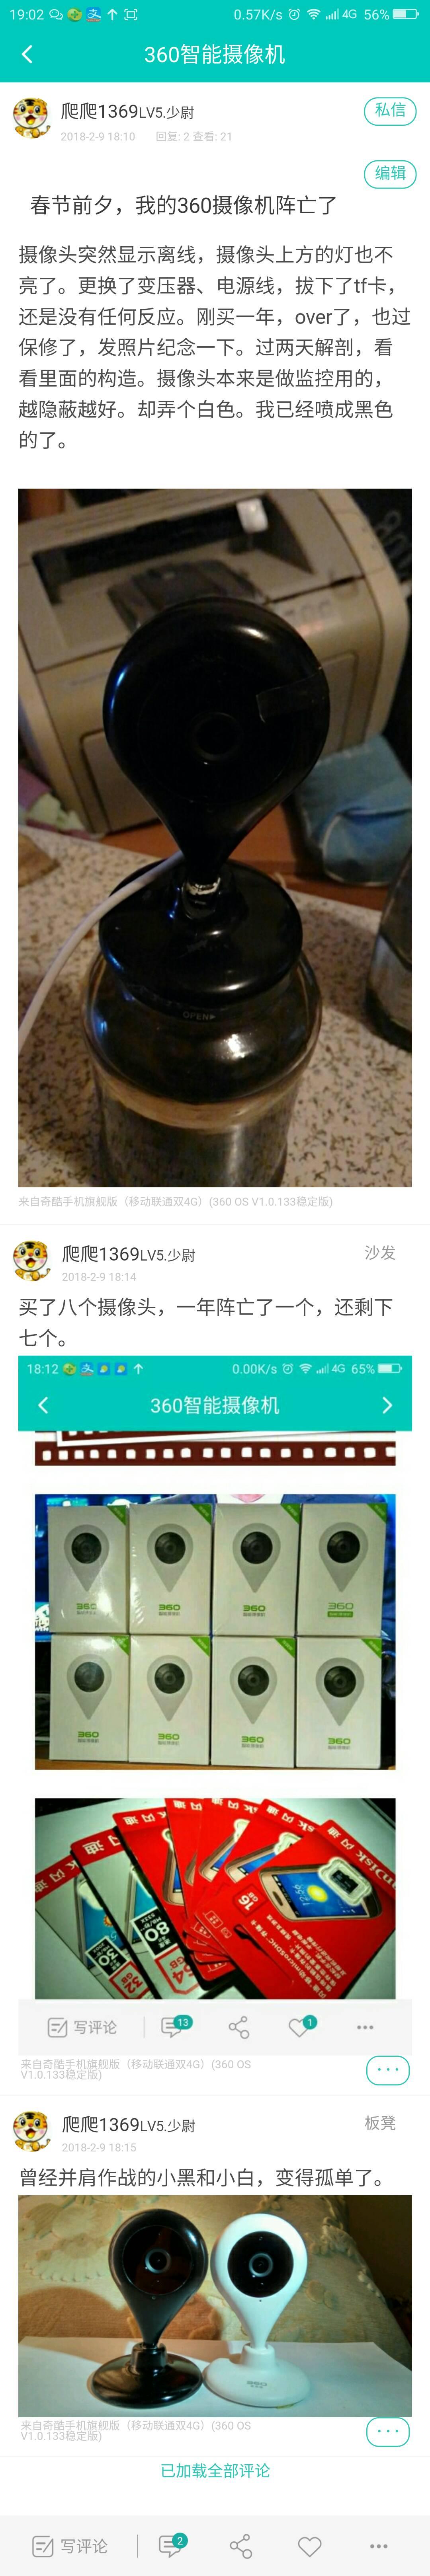 Screenshot_2018-02-09-19-03-11_compress.png